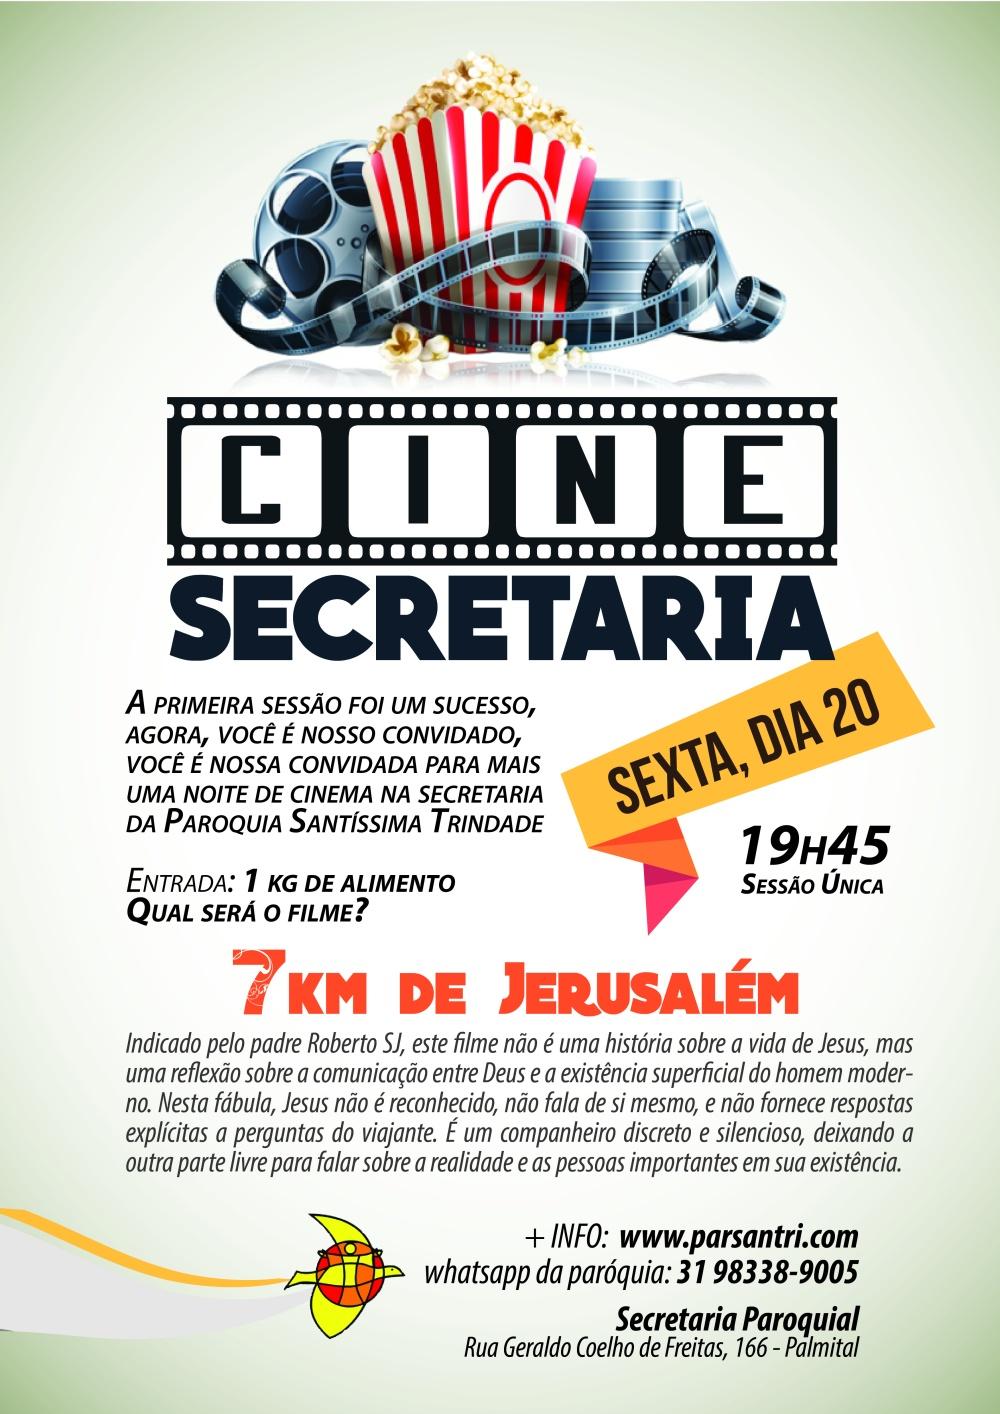 CineSecretaria _ Filme 7Km Jerusalém-01